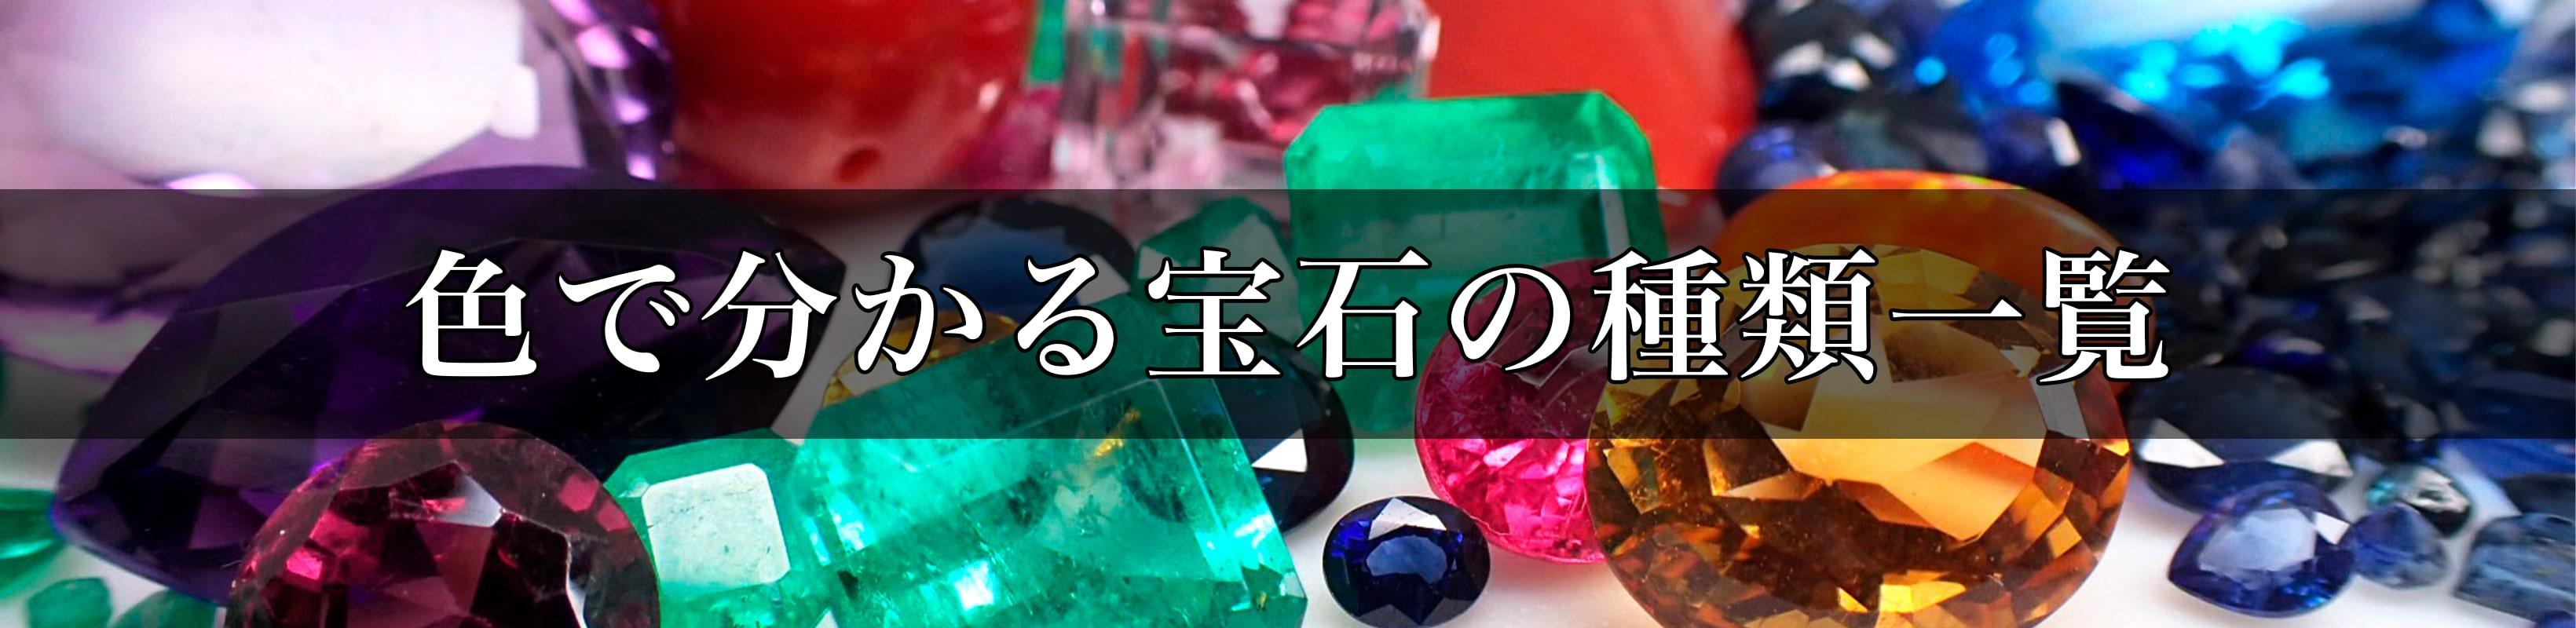 色で分かる宝石の種類一覧